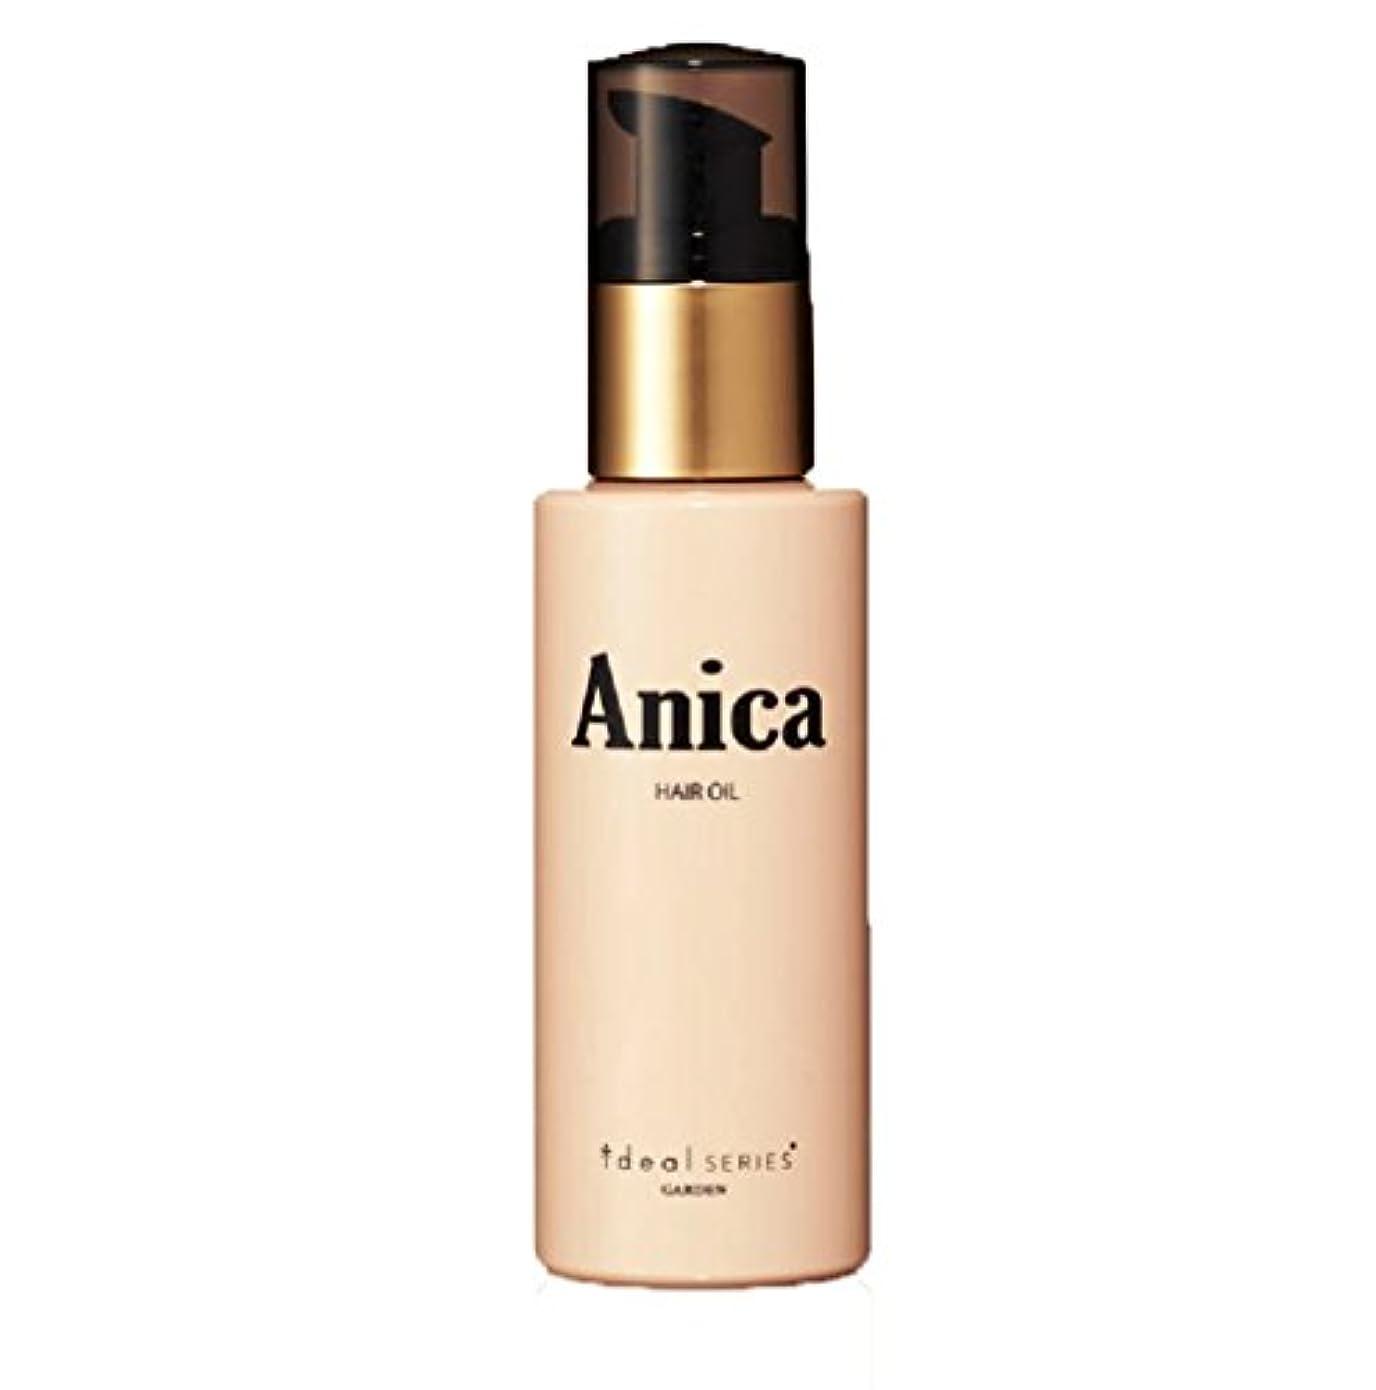 置換絶対にバリケードGARDEN ガーデン ideal SERIES イデアルシリーズ Anica サラりとまとまりやすい髪に アニカヘアオイル